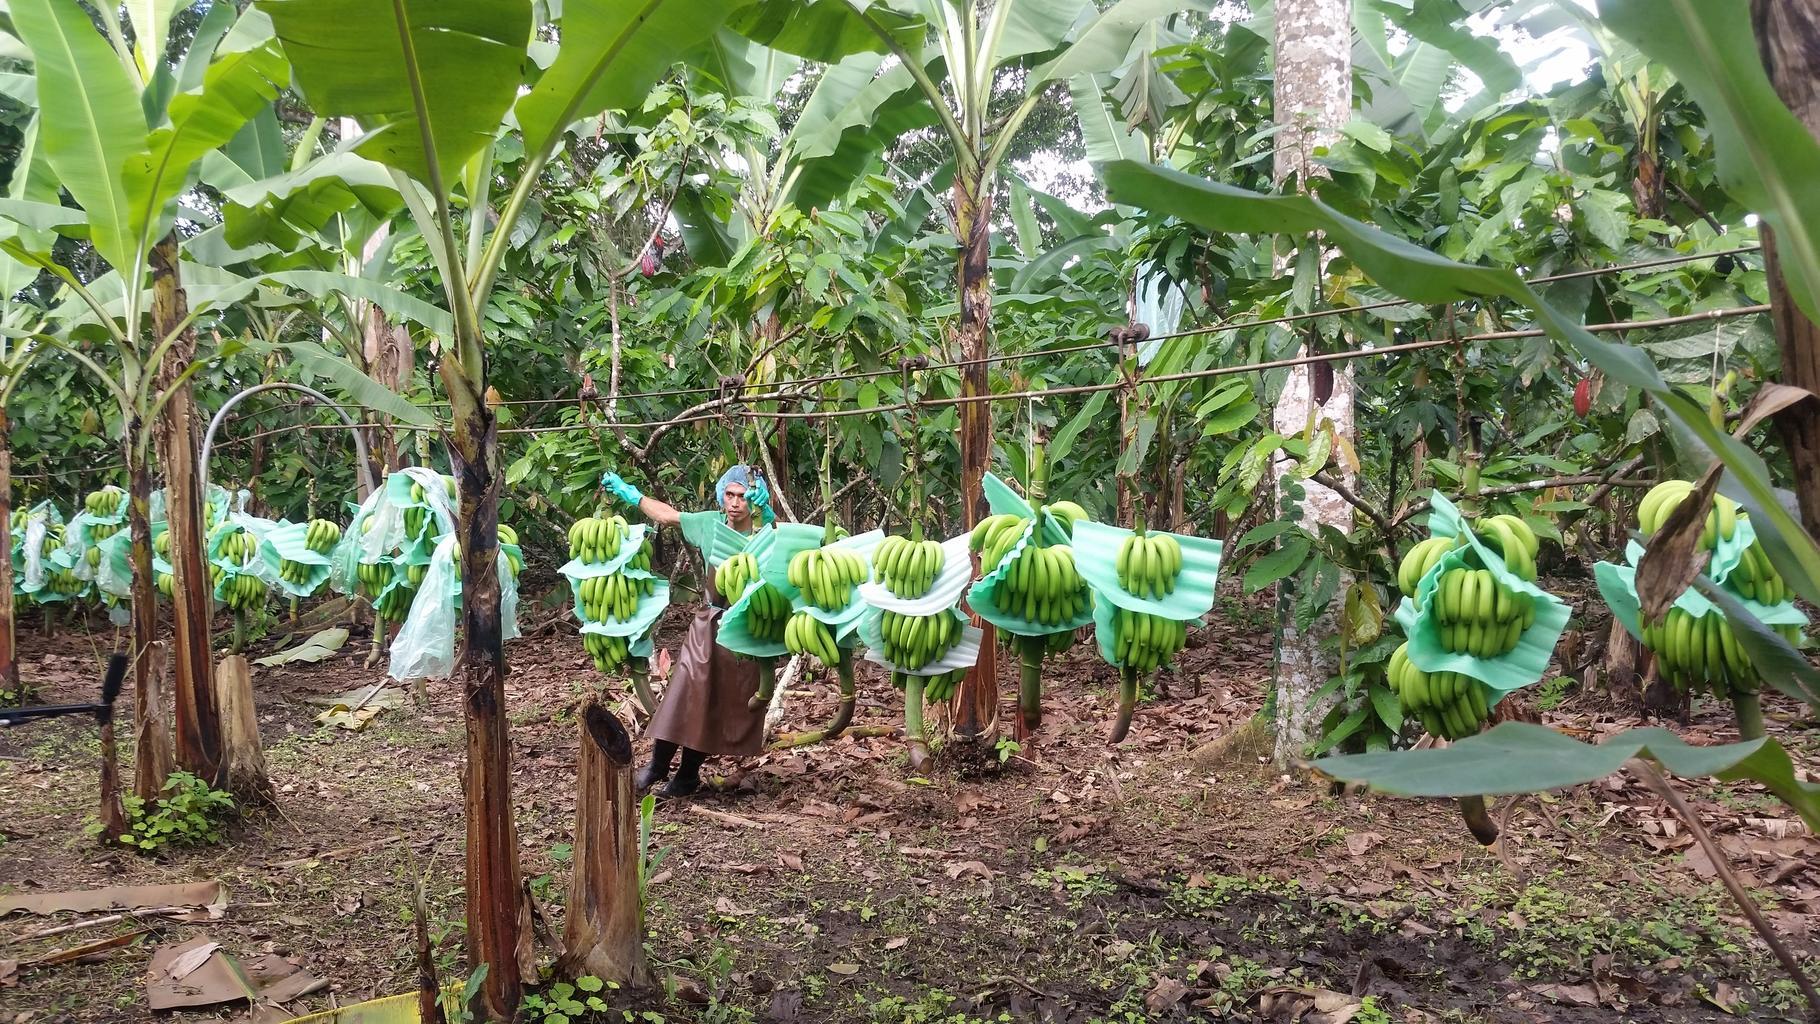 Ole besucht eine Bananen-Plantage